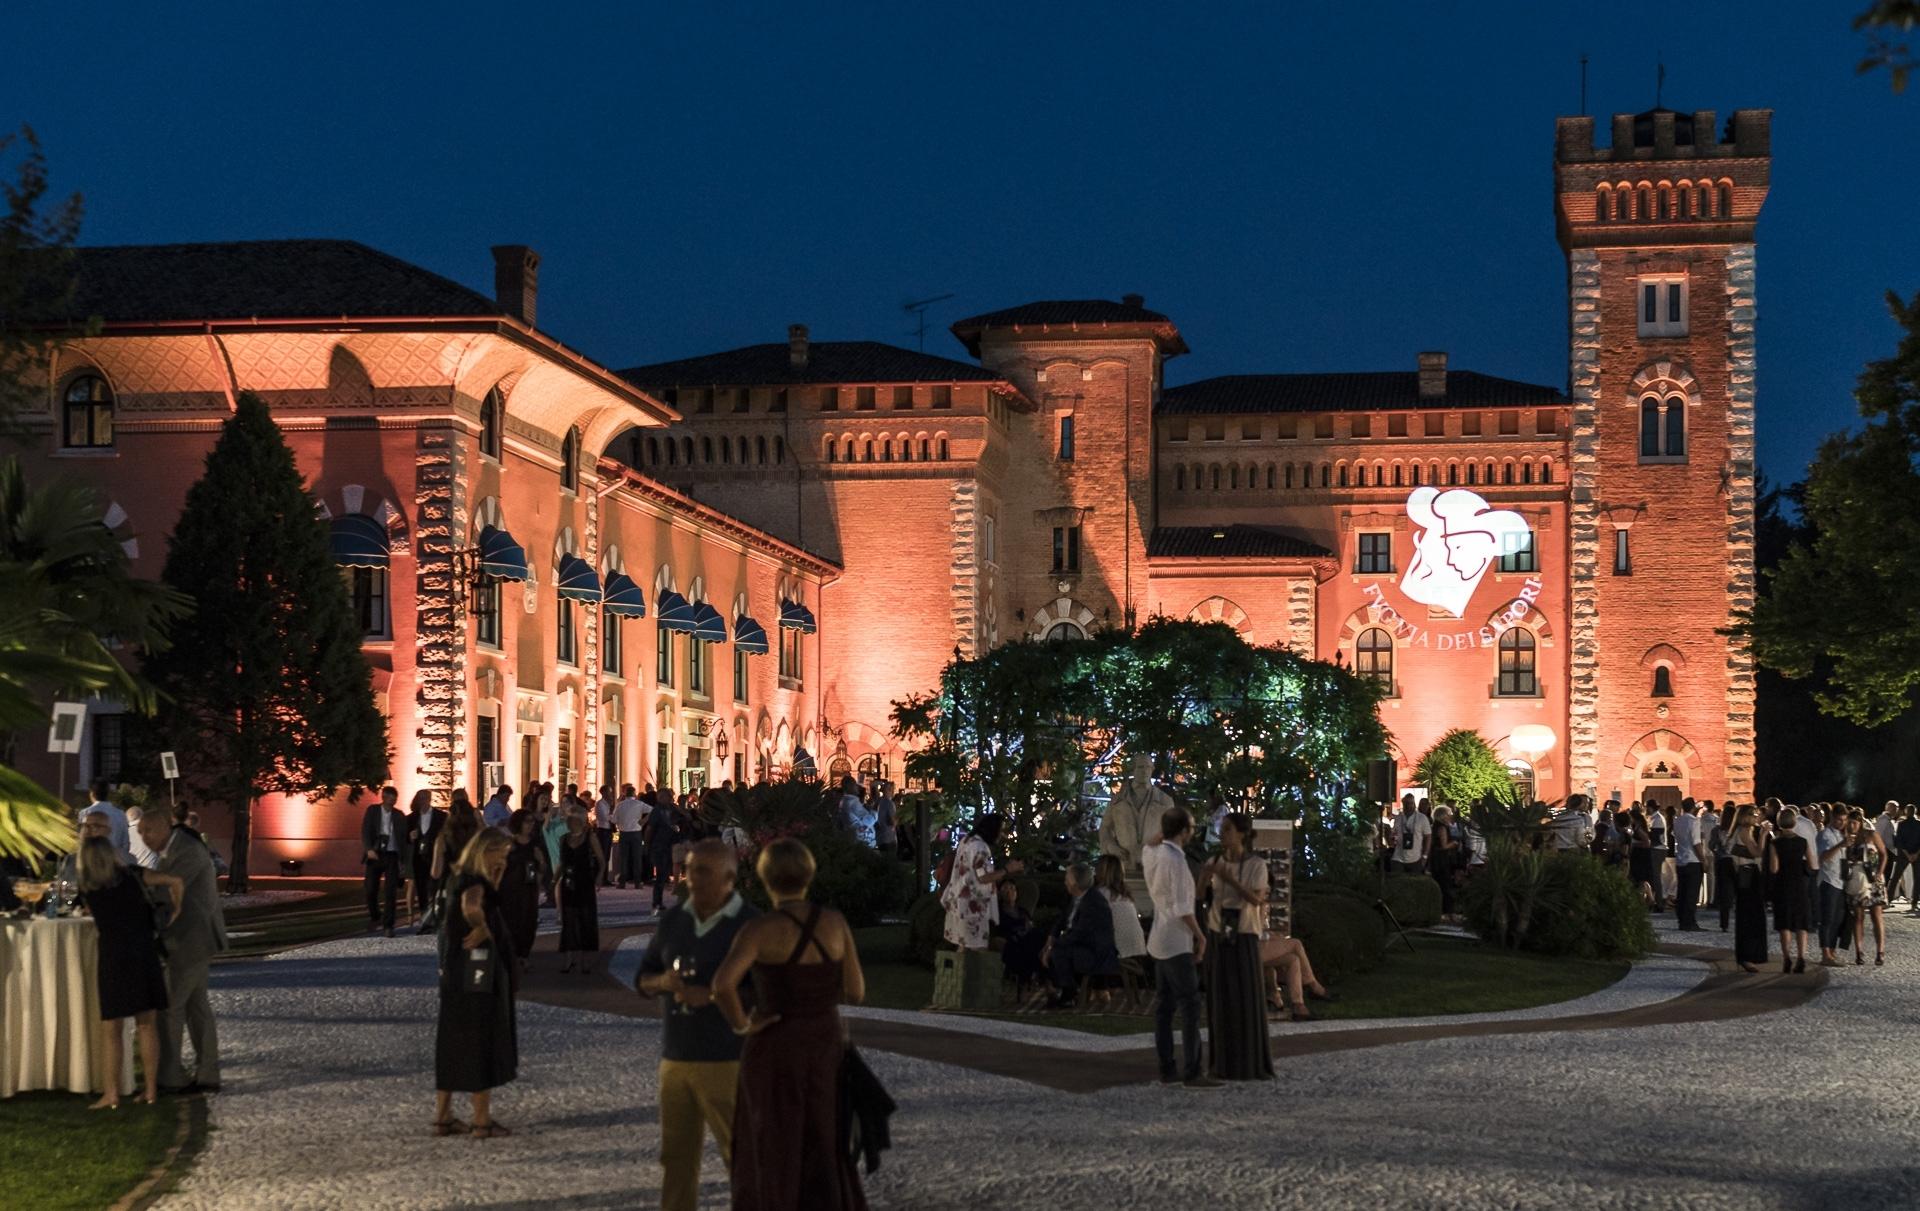 Cena spettacolo al Castello di Spessa di Capriva del Friuli eventi enogastronomici estate 2018